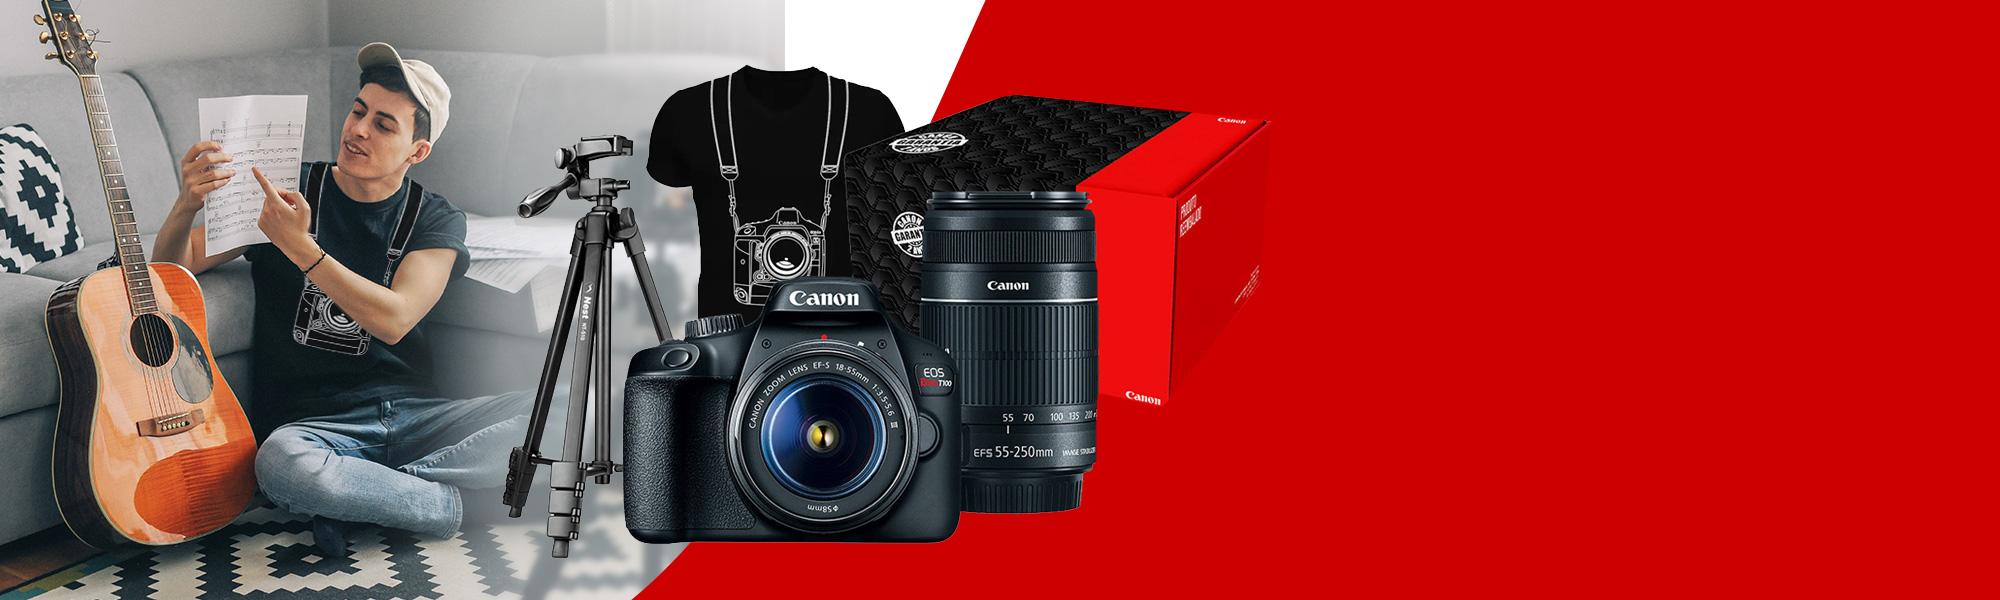 Combo Câmera EOS T100 Premium com Tripé e Camiseta